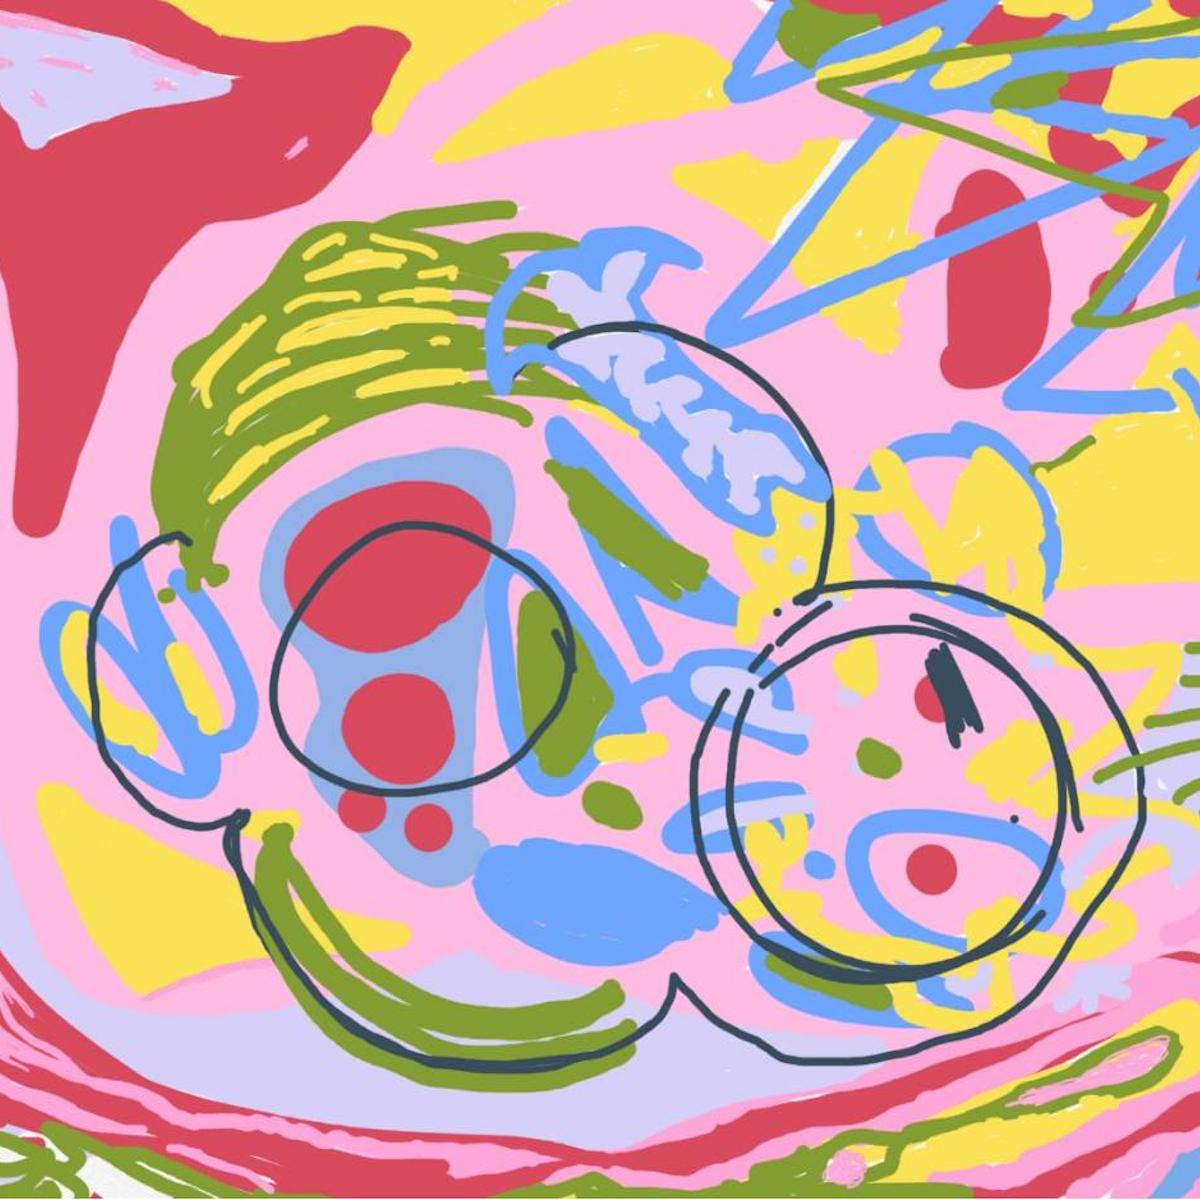 Joe Nolan, Soft Skull, 2020, digital painting, 4 X 4 in